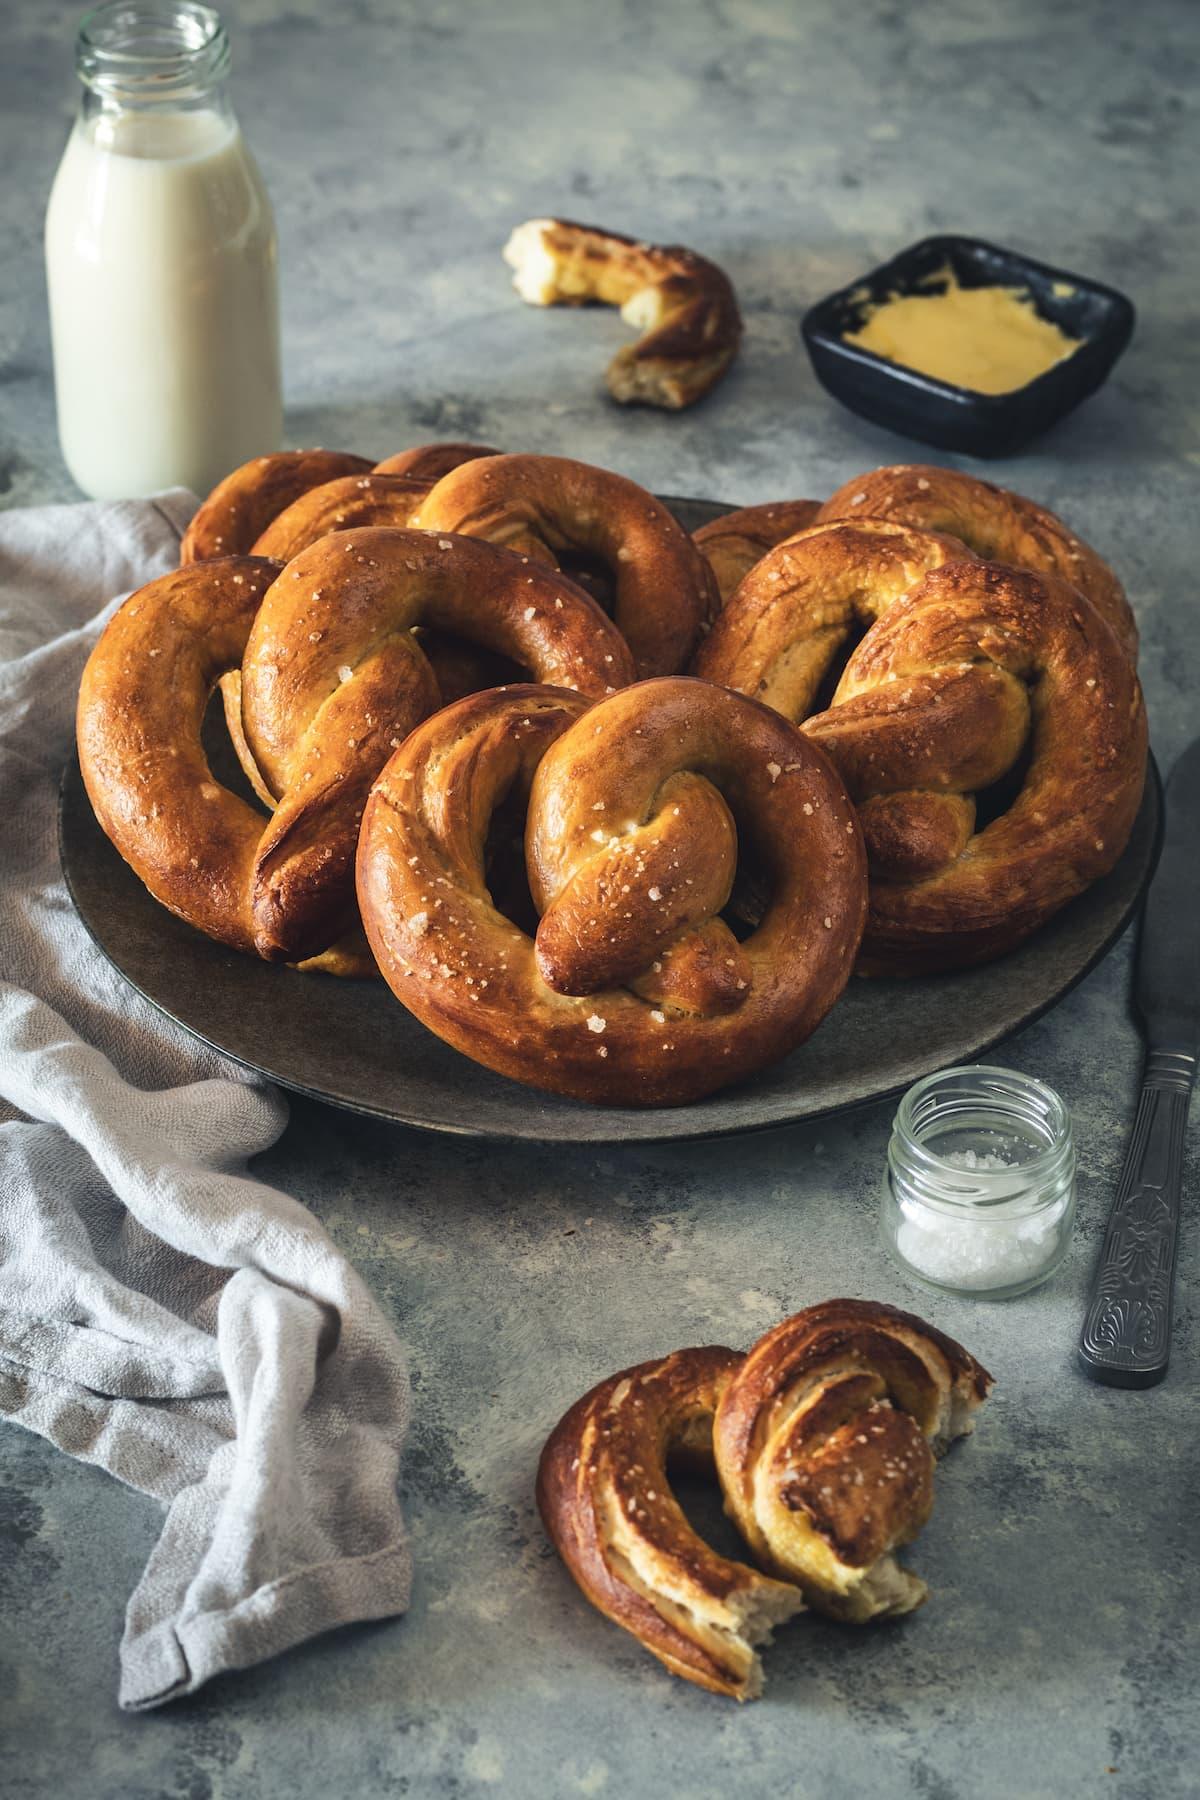 Plate of homemade soft pretzels.